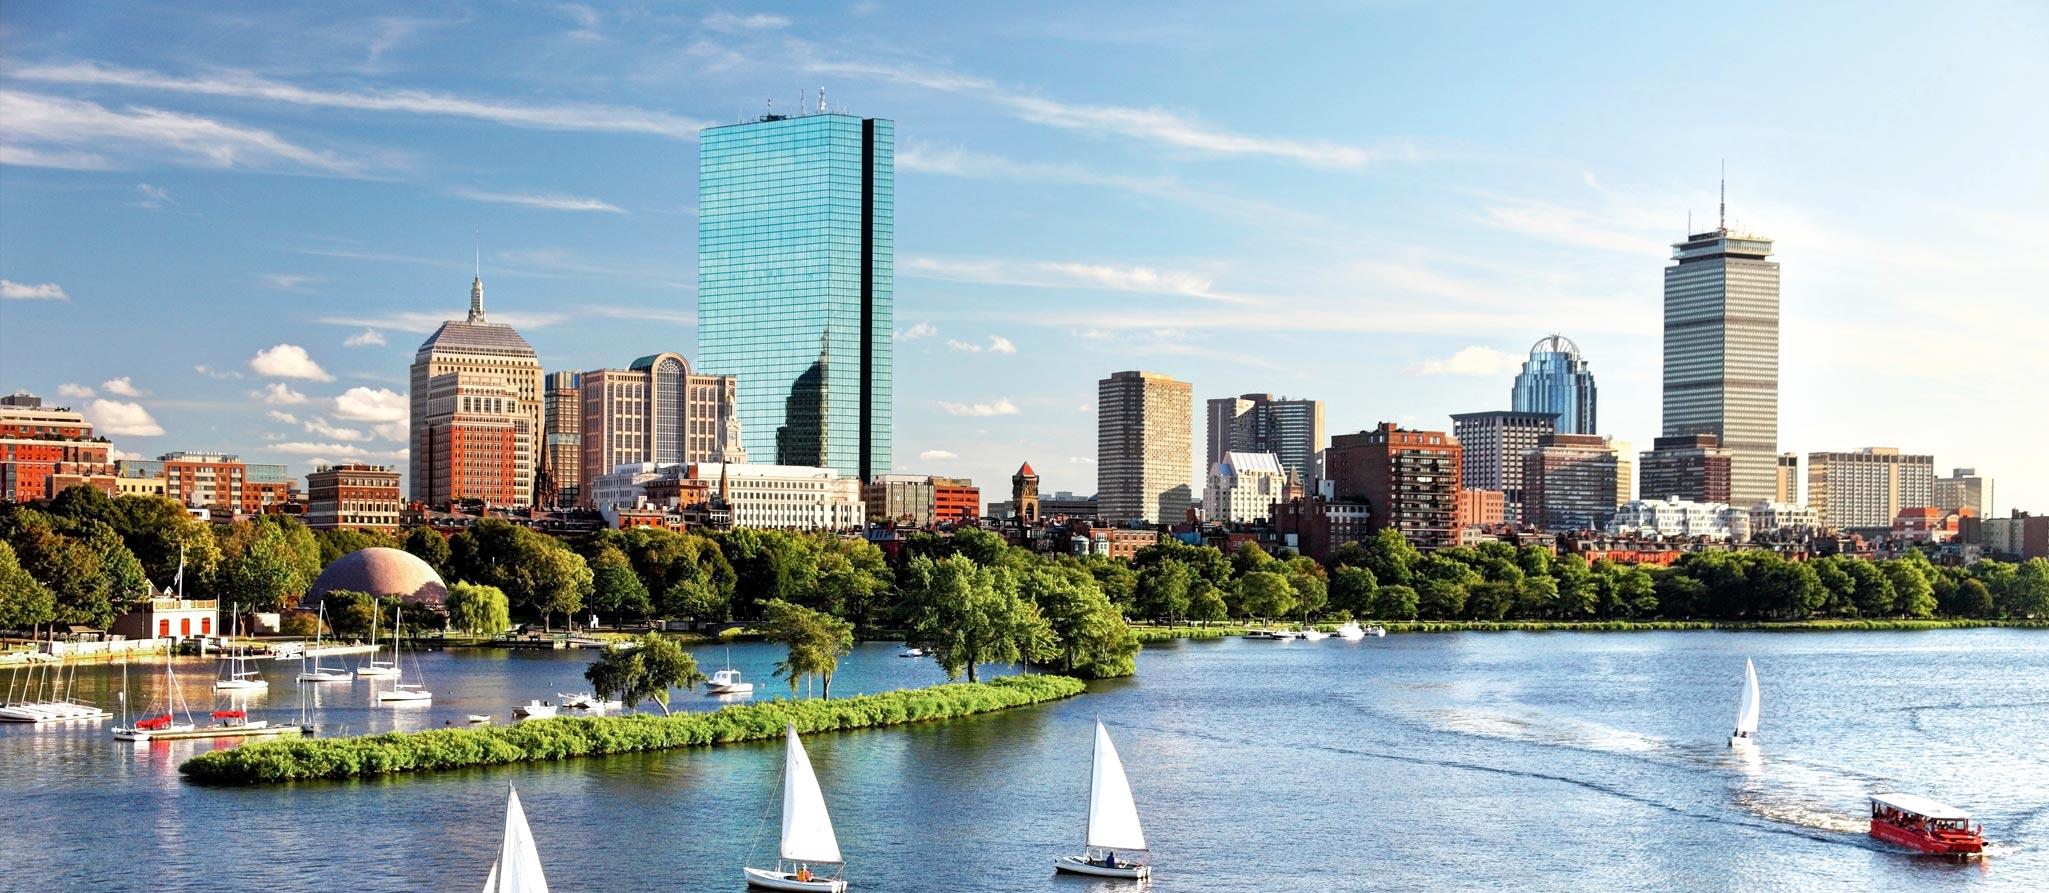 ボストン留学なら語学学校scジオス 英語留学inボストン